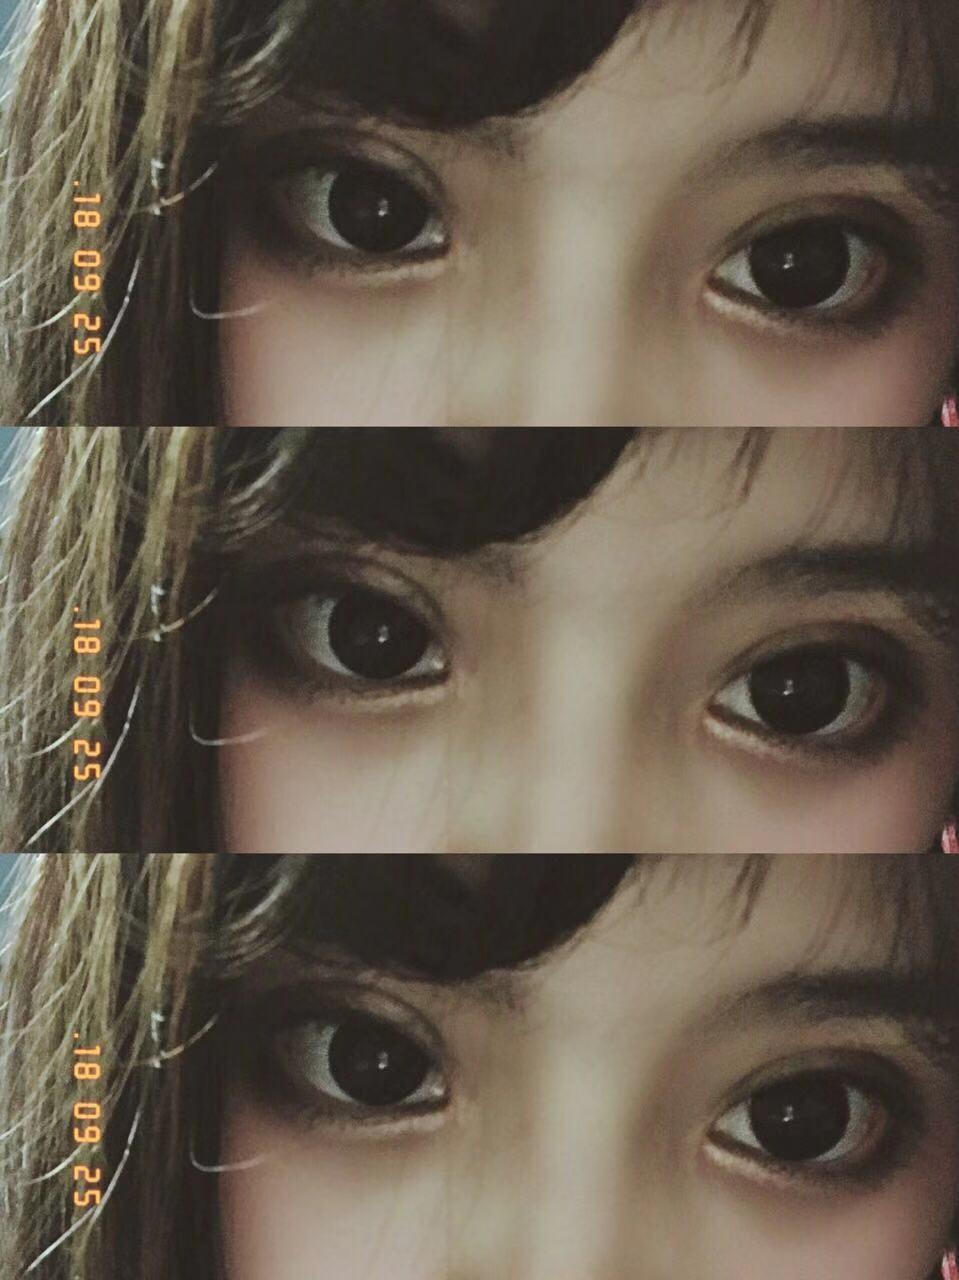 我觉得一双好看的眼睛就是女人的武器,为什么这么说呢,因为在你注视3你喜欢的异性时,如果你的眼睛够美 足够吸引,那么这个异性肯定会被拿下